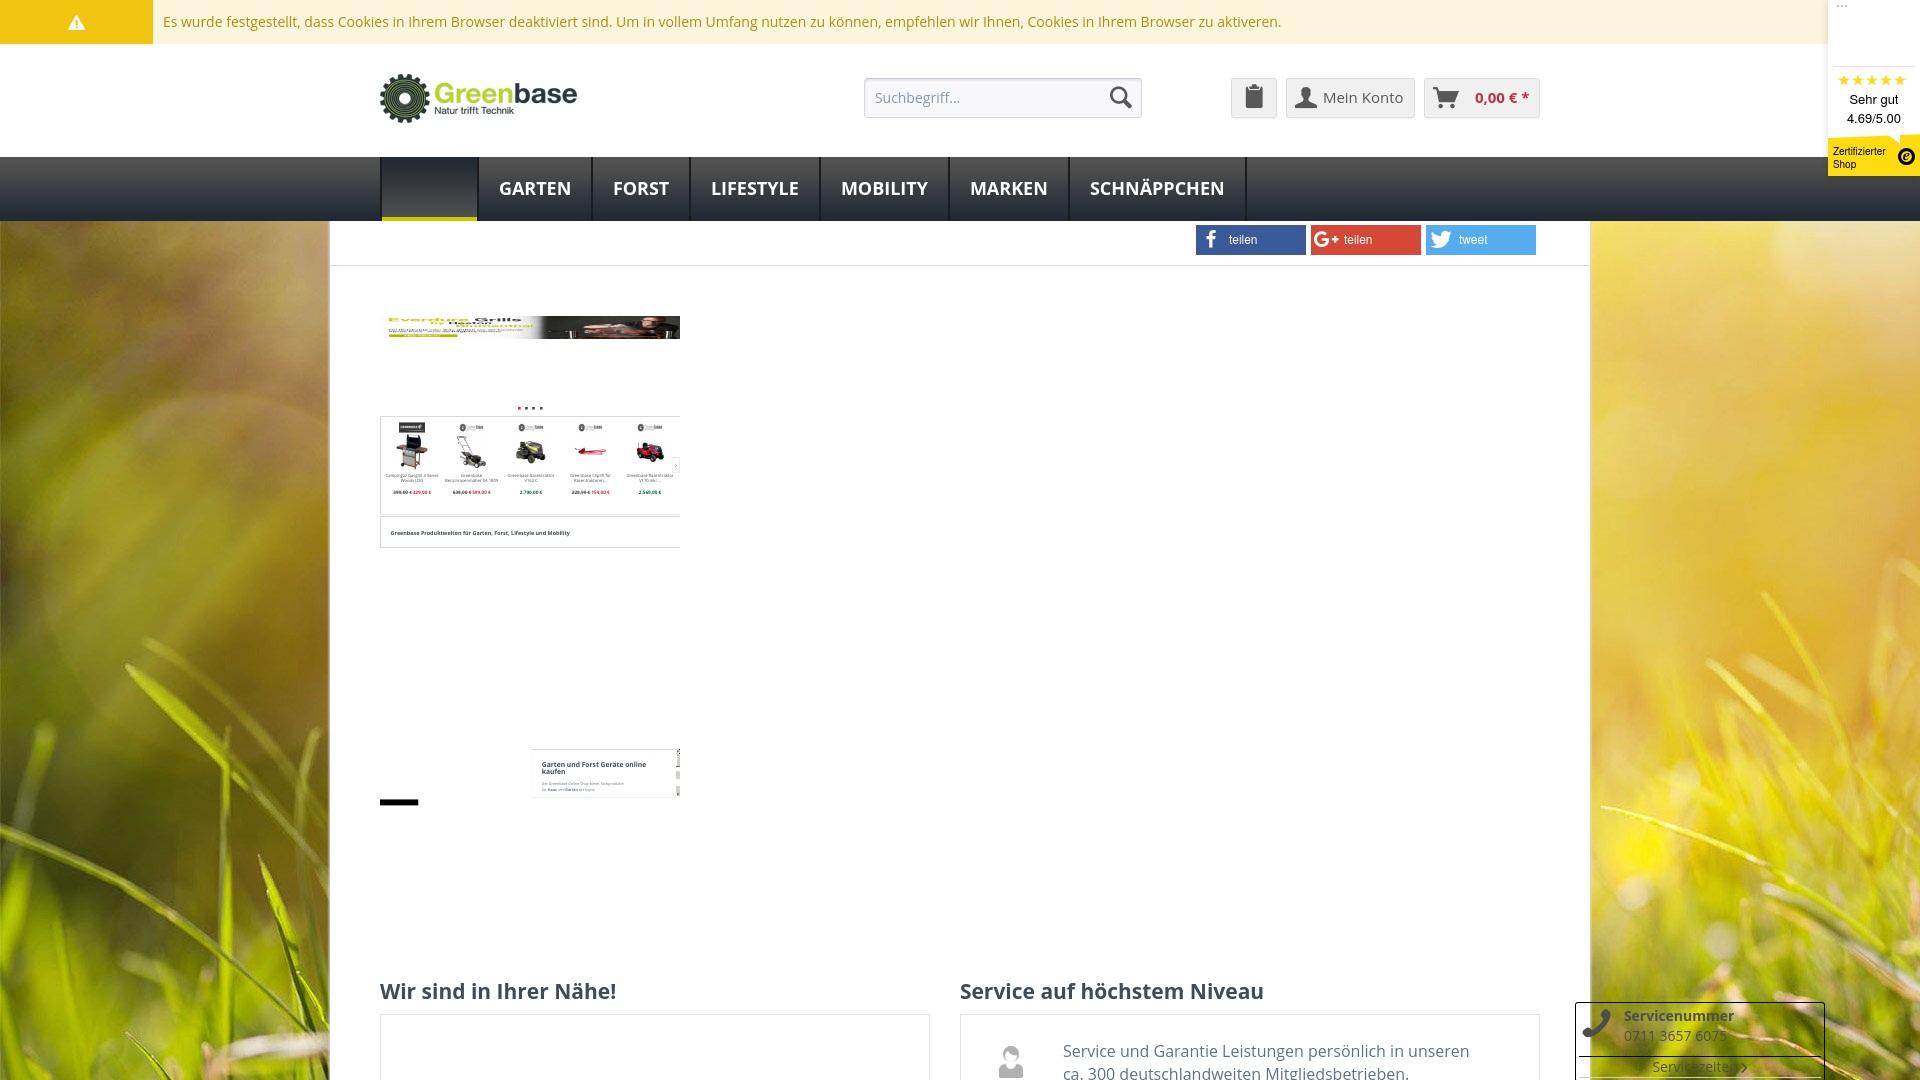 Gutschein für Greenbase-shop: Rabatte für  Greenbase-shop sichern